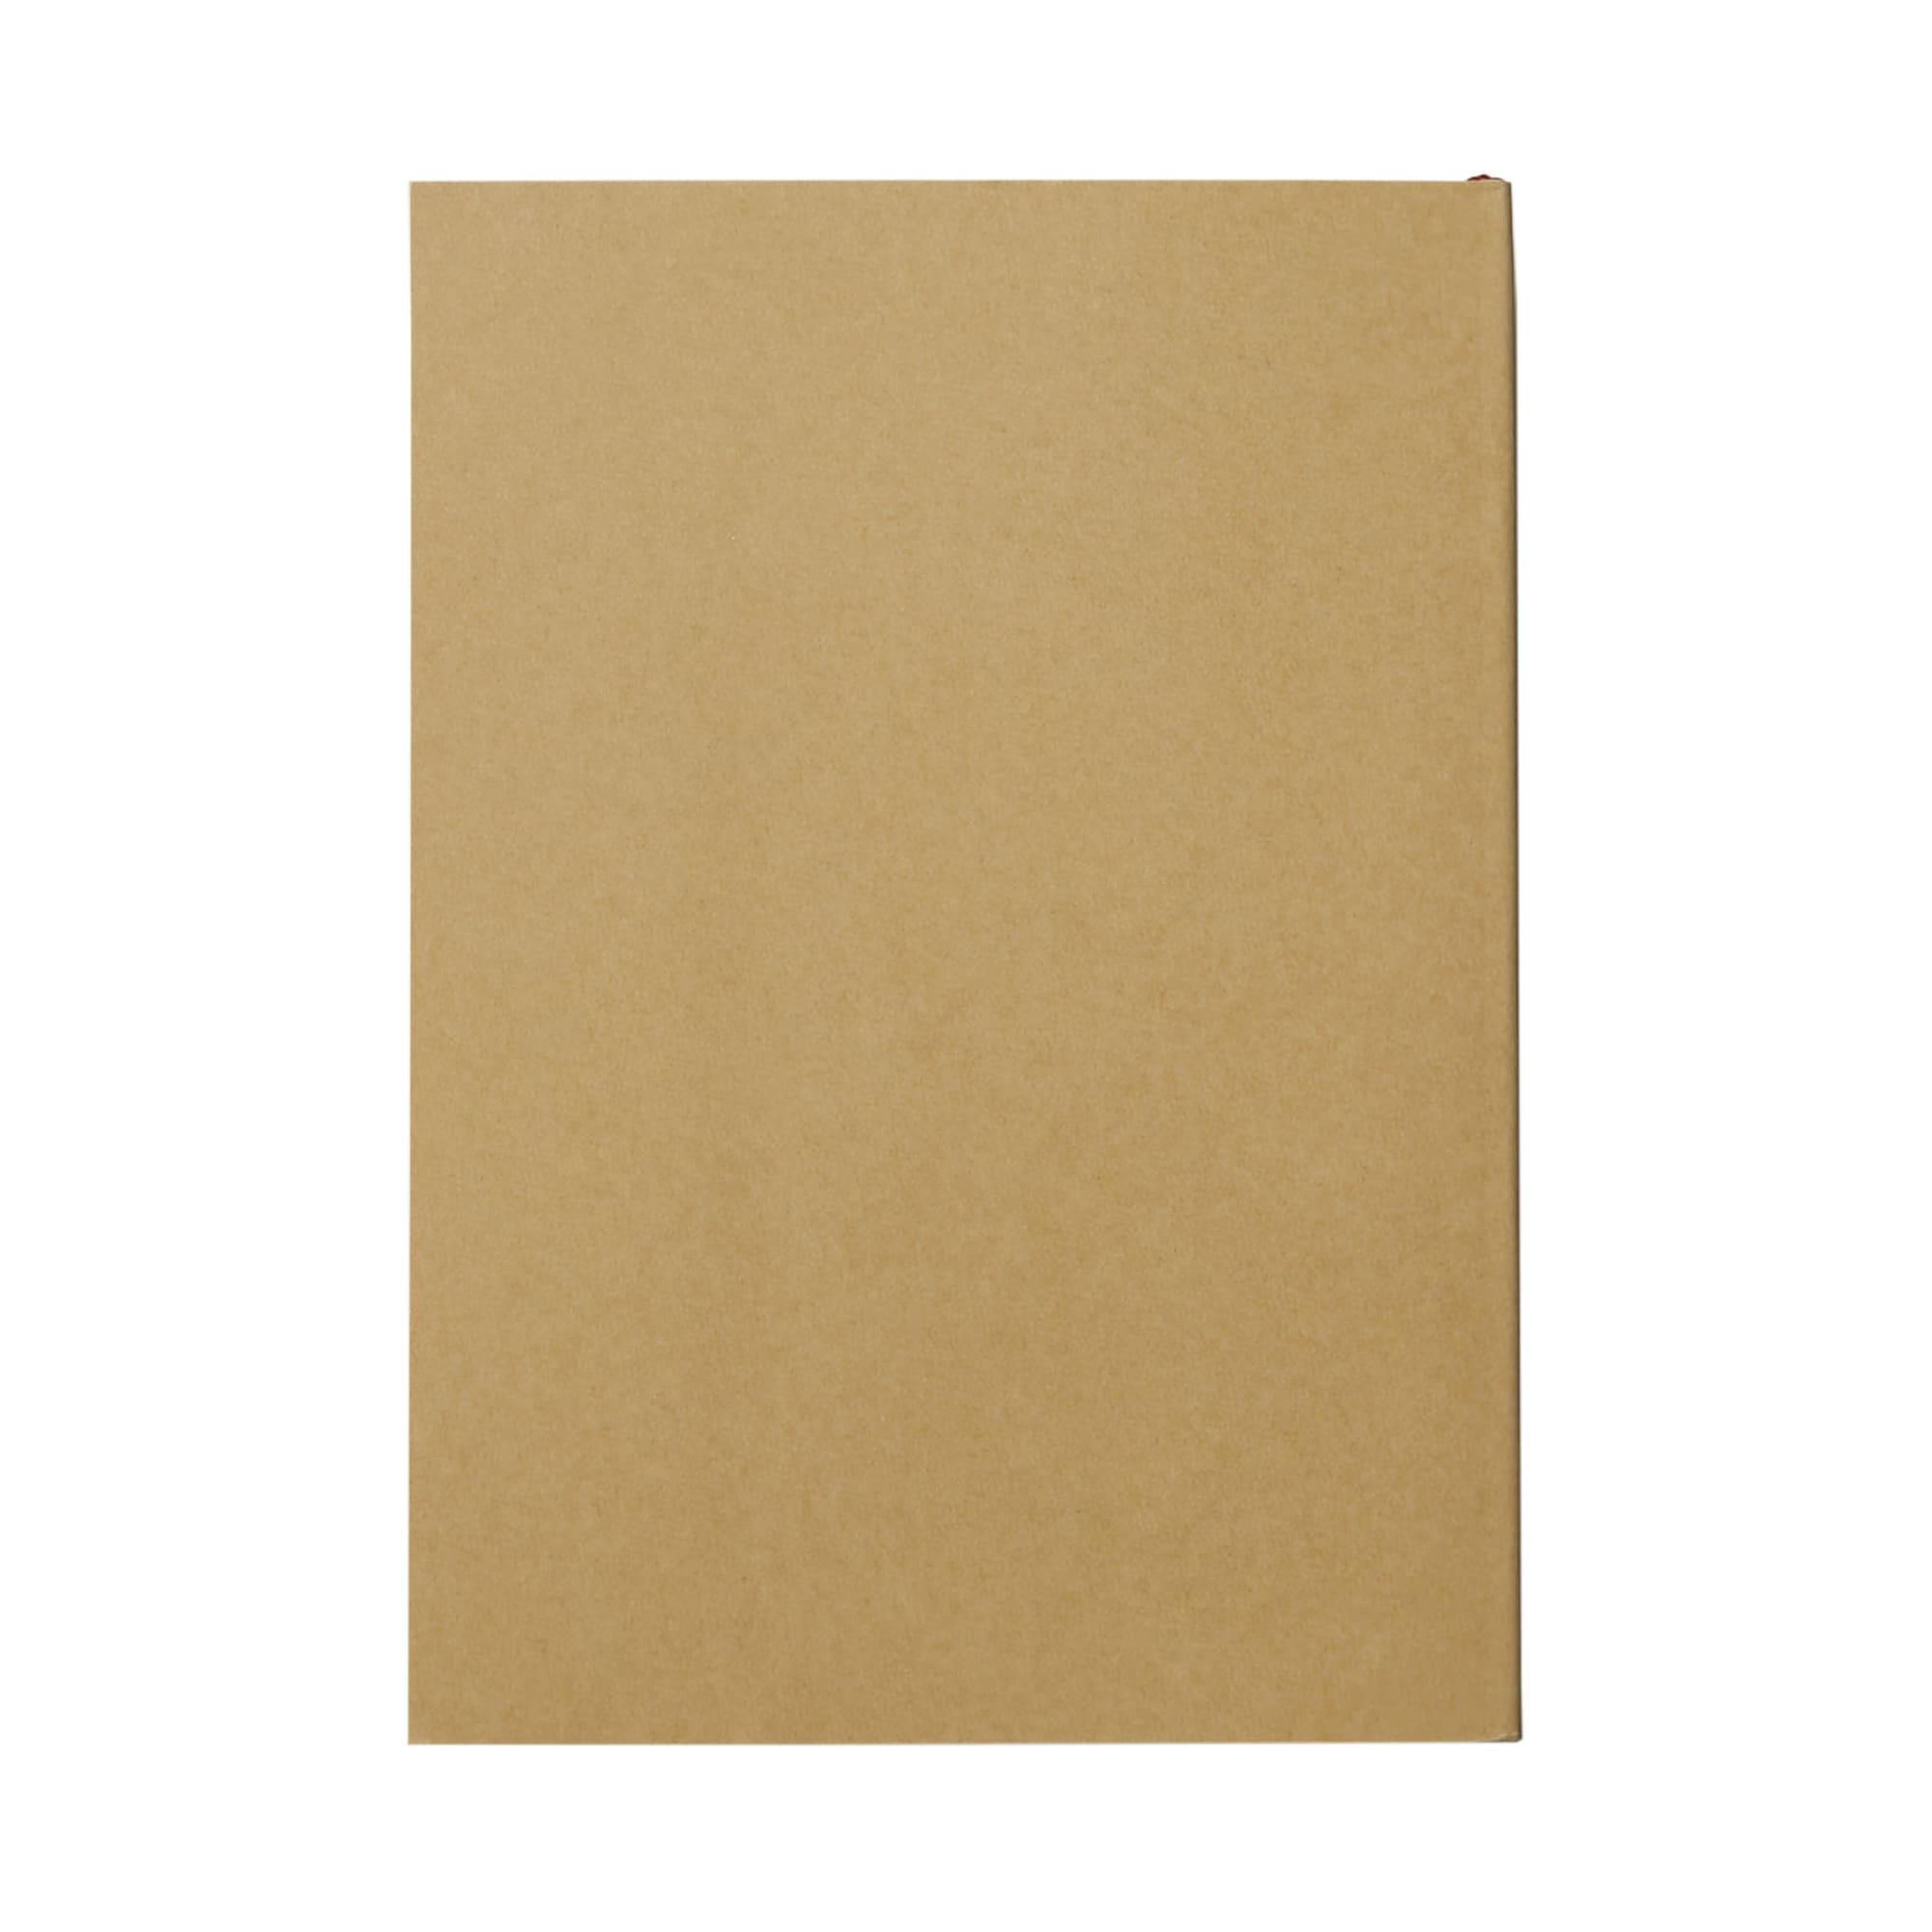 文庫本ノート 約148×105mm・144枚